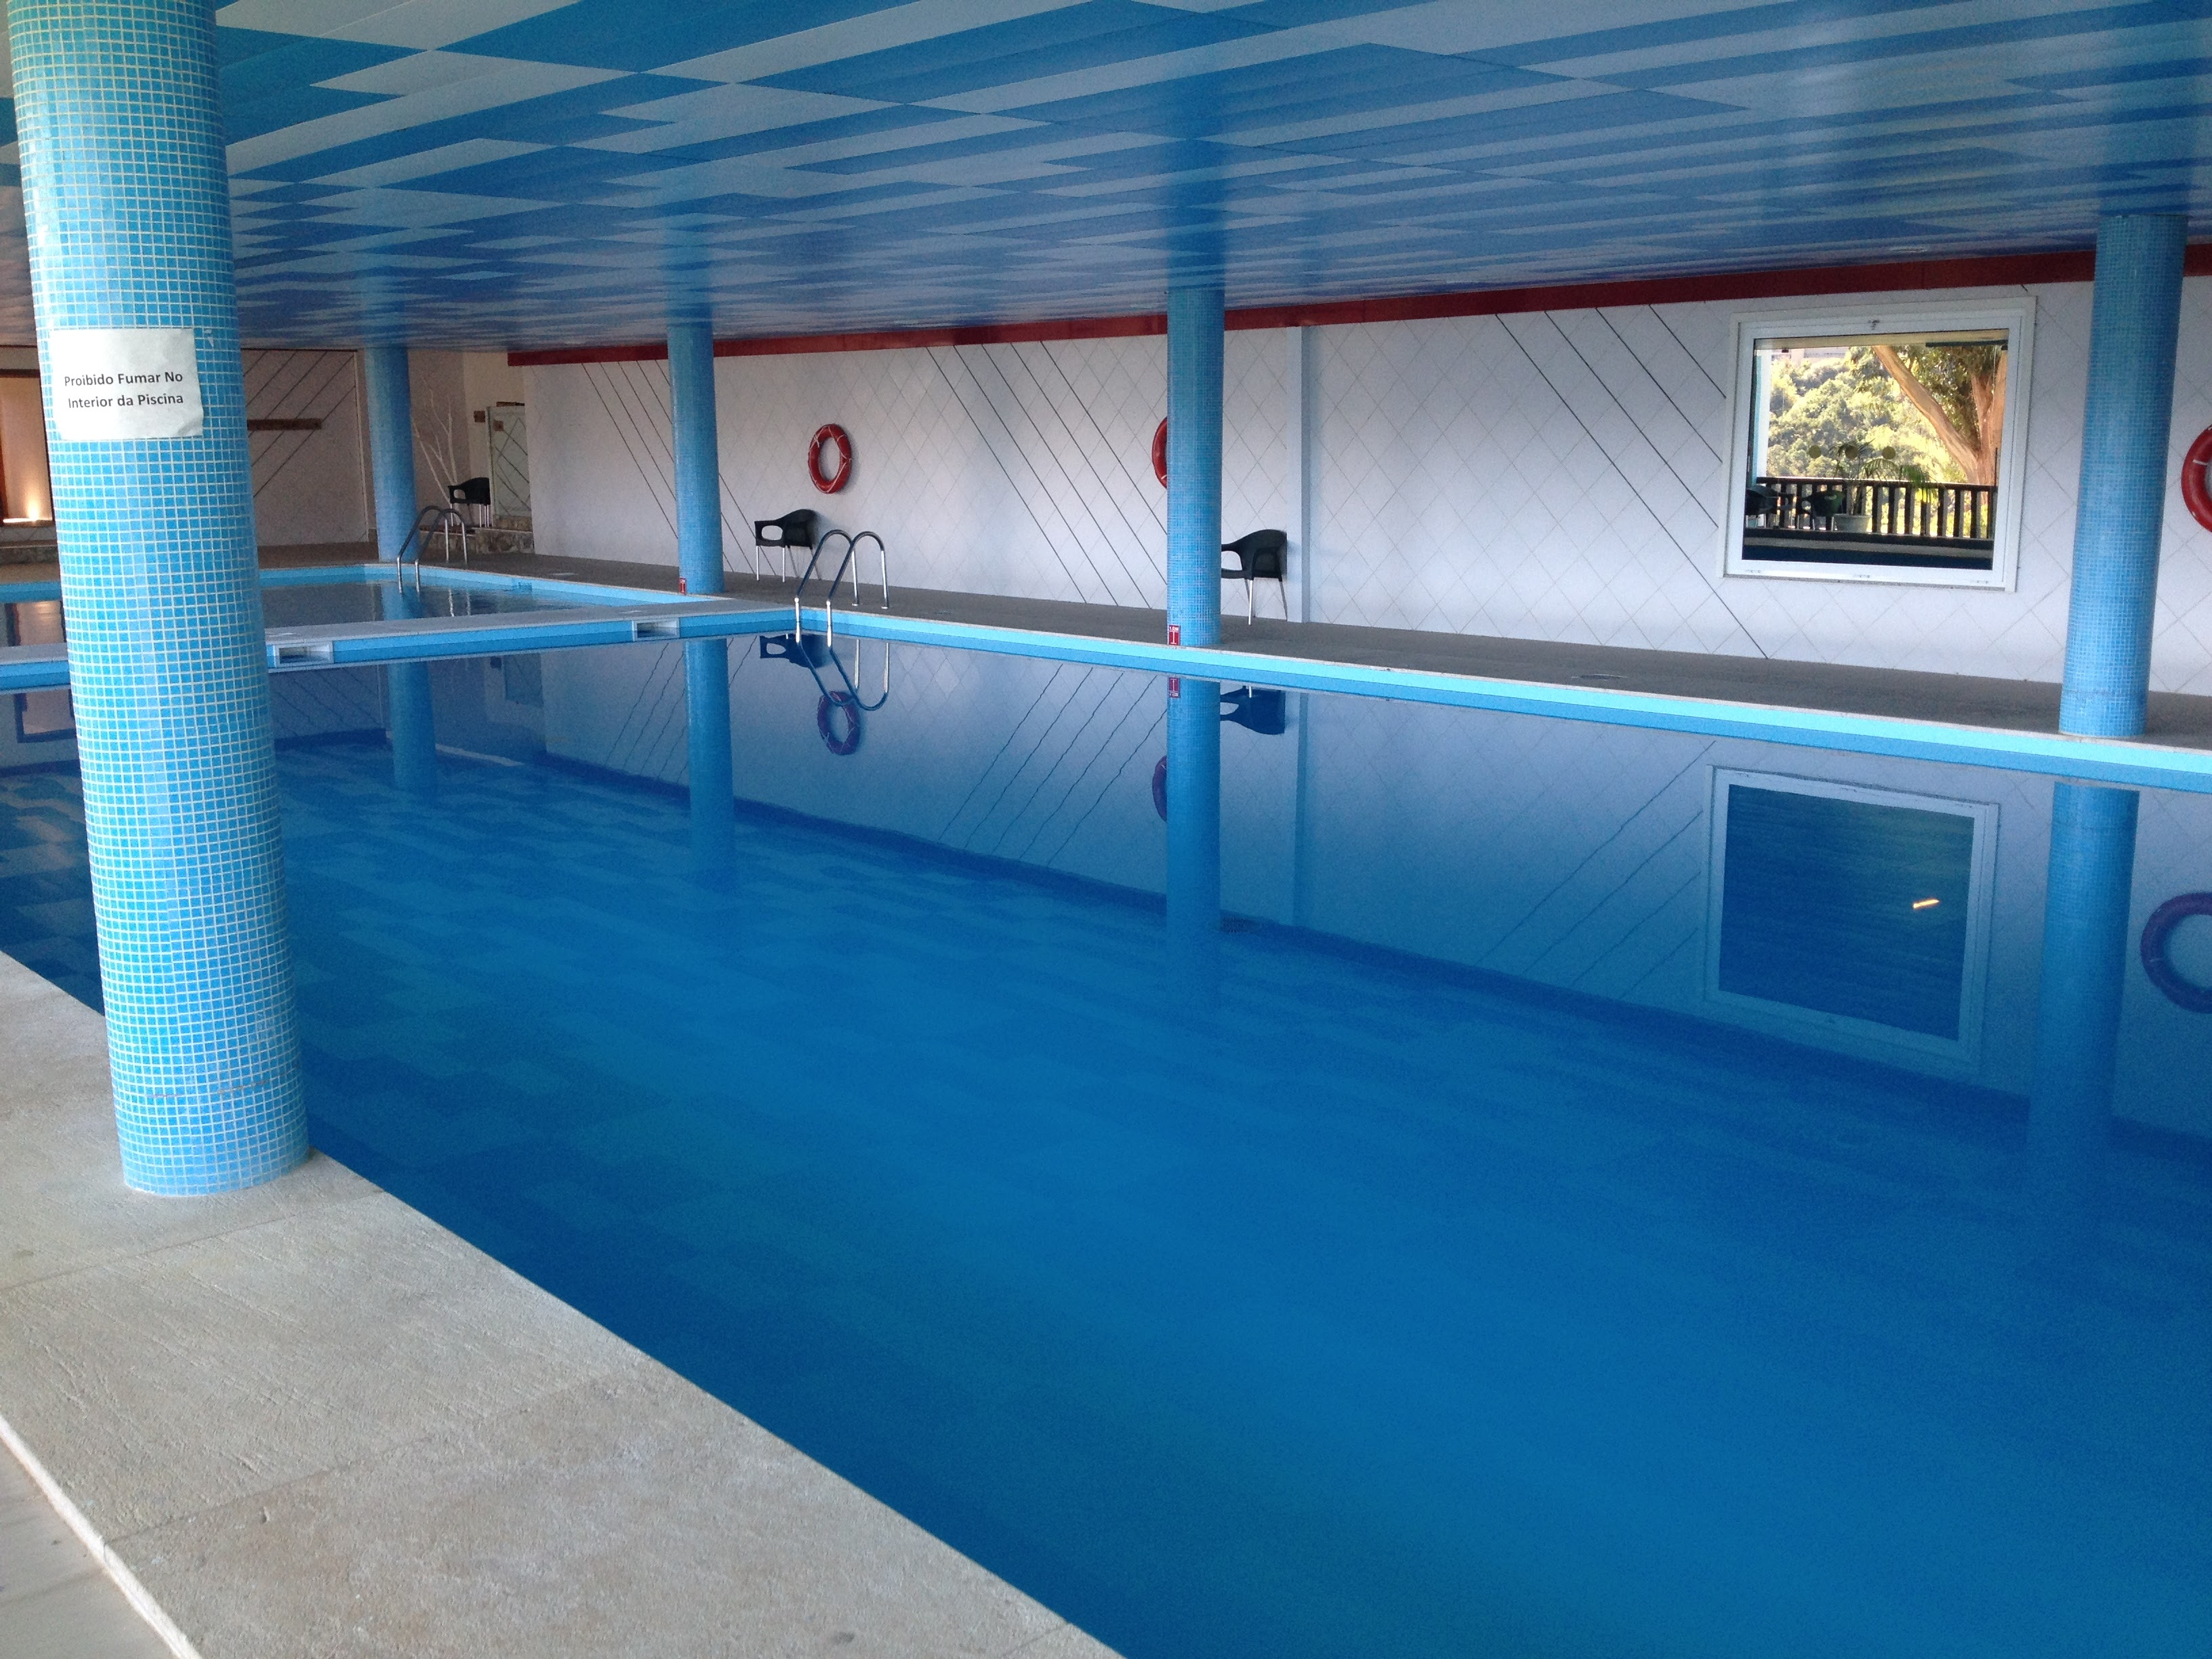 Reabilita o de piscina em vila real piscinas reken for Horario piscina vila real